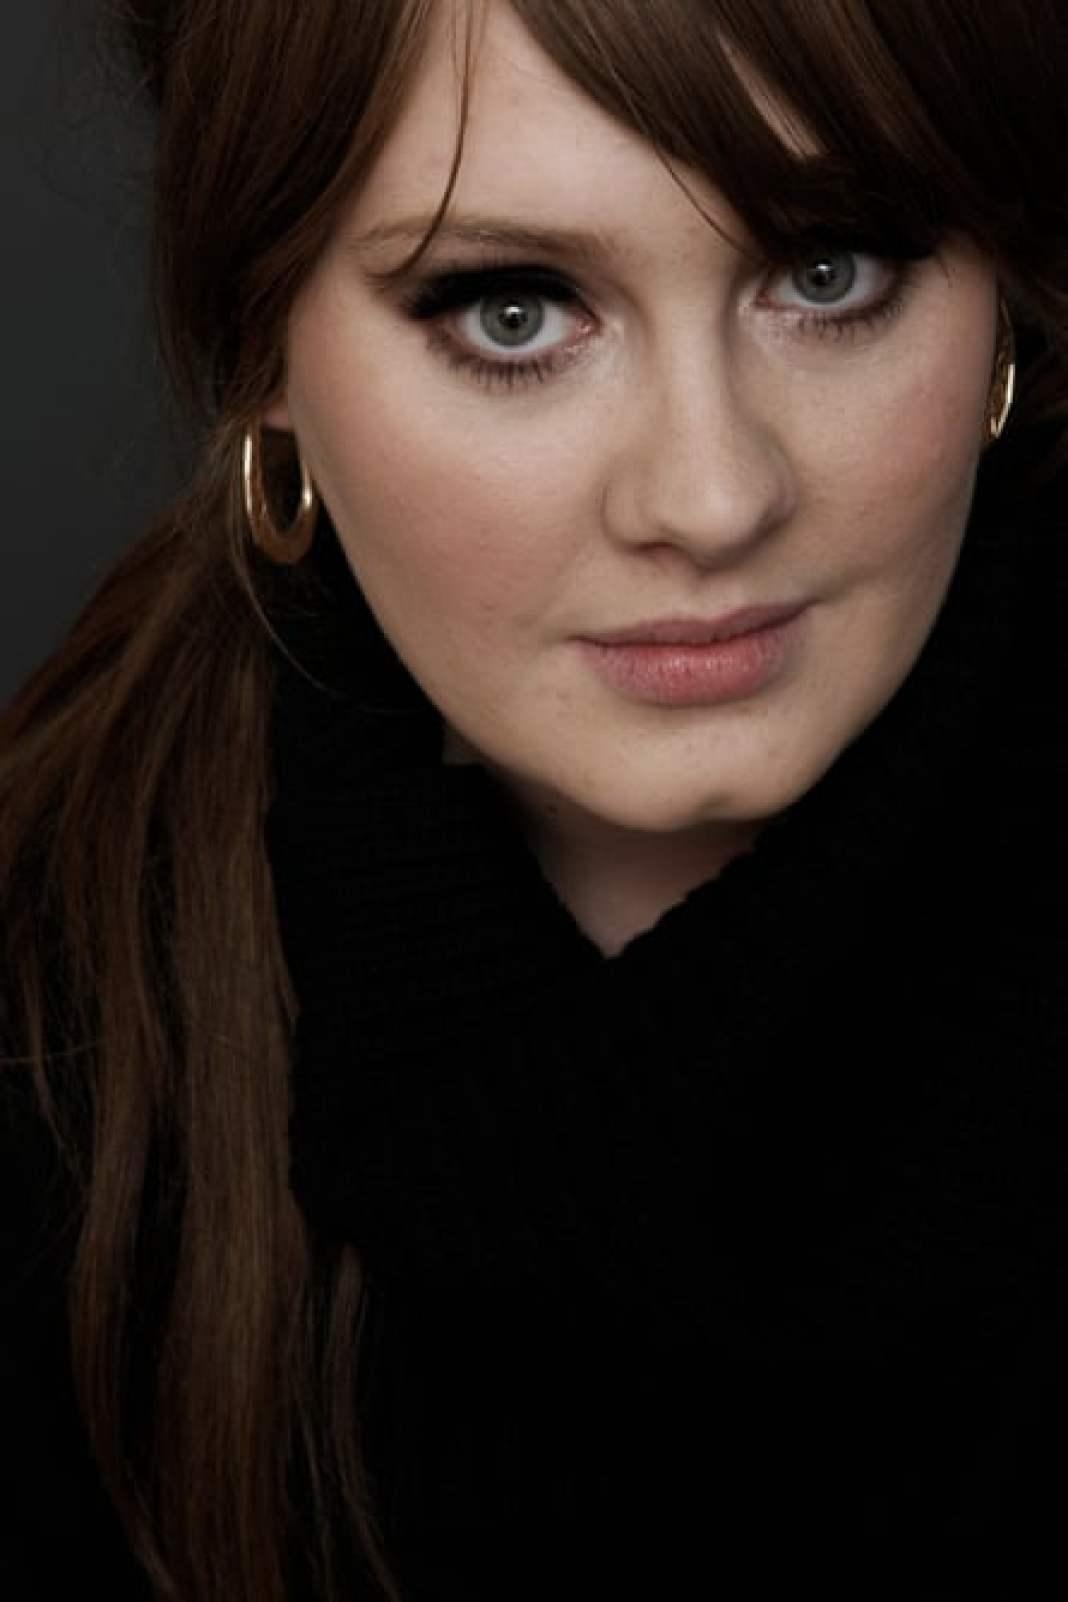 Adele in 2008.